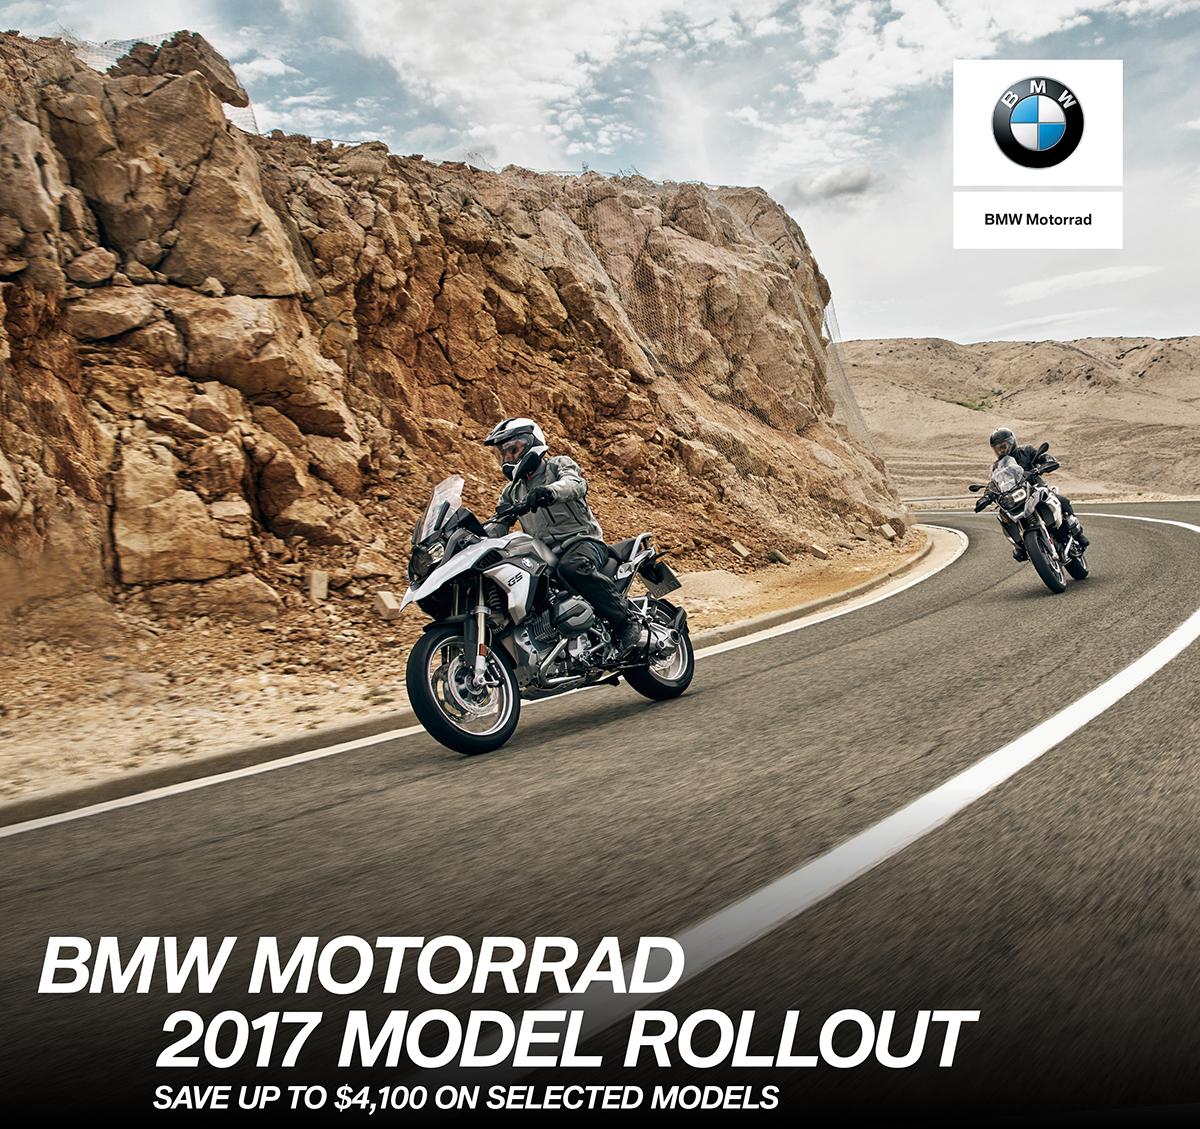 BMW Motorrad 2017 Model Rollout